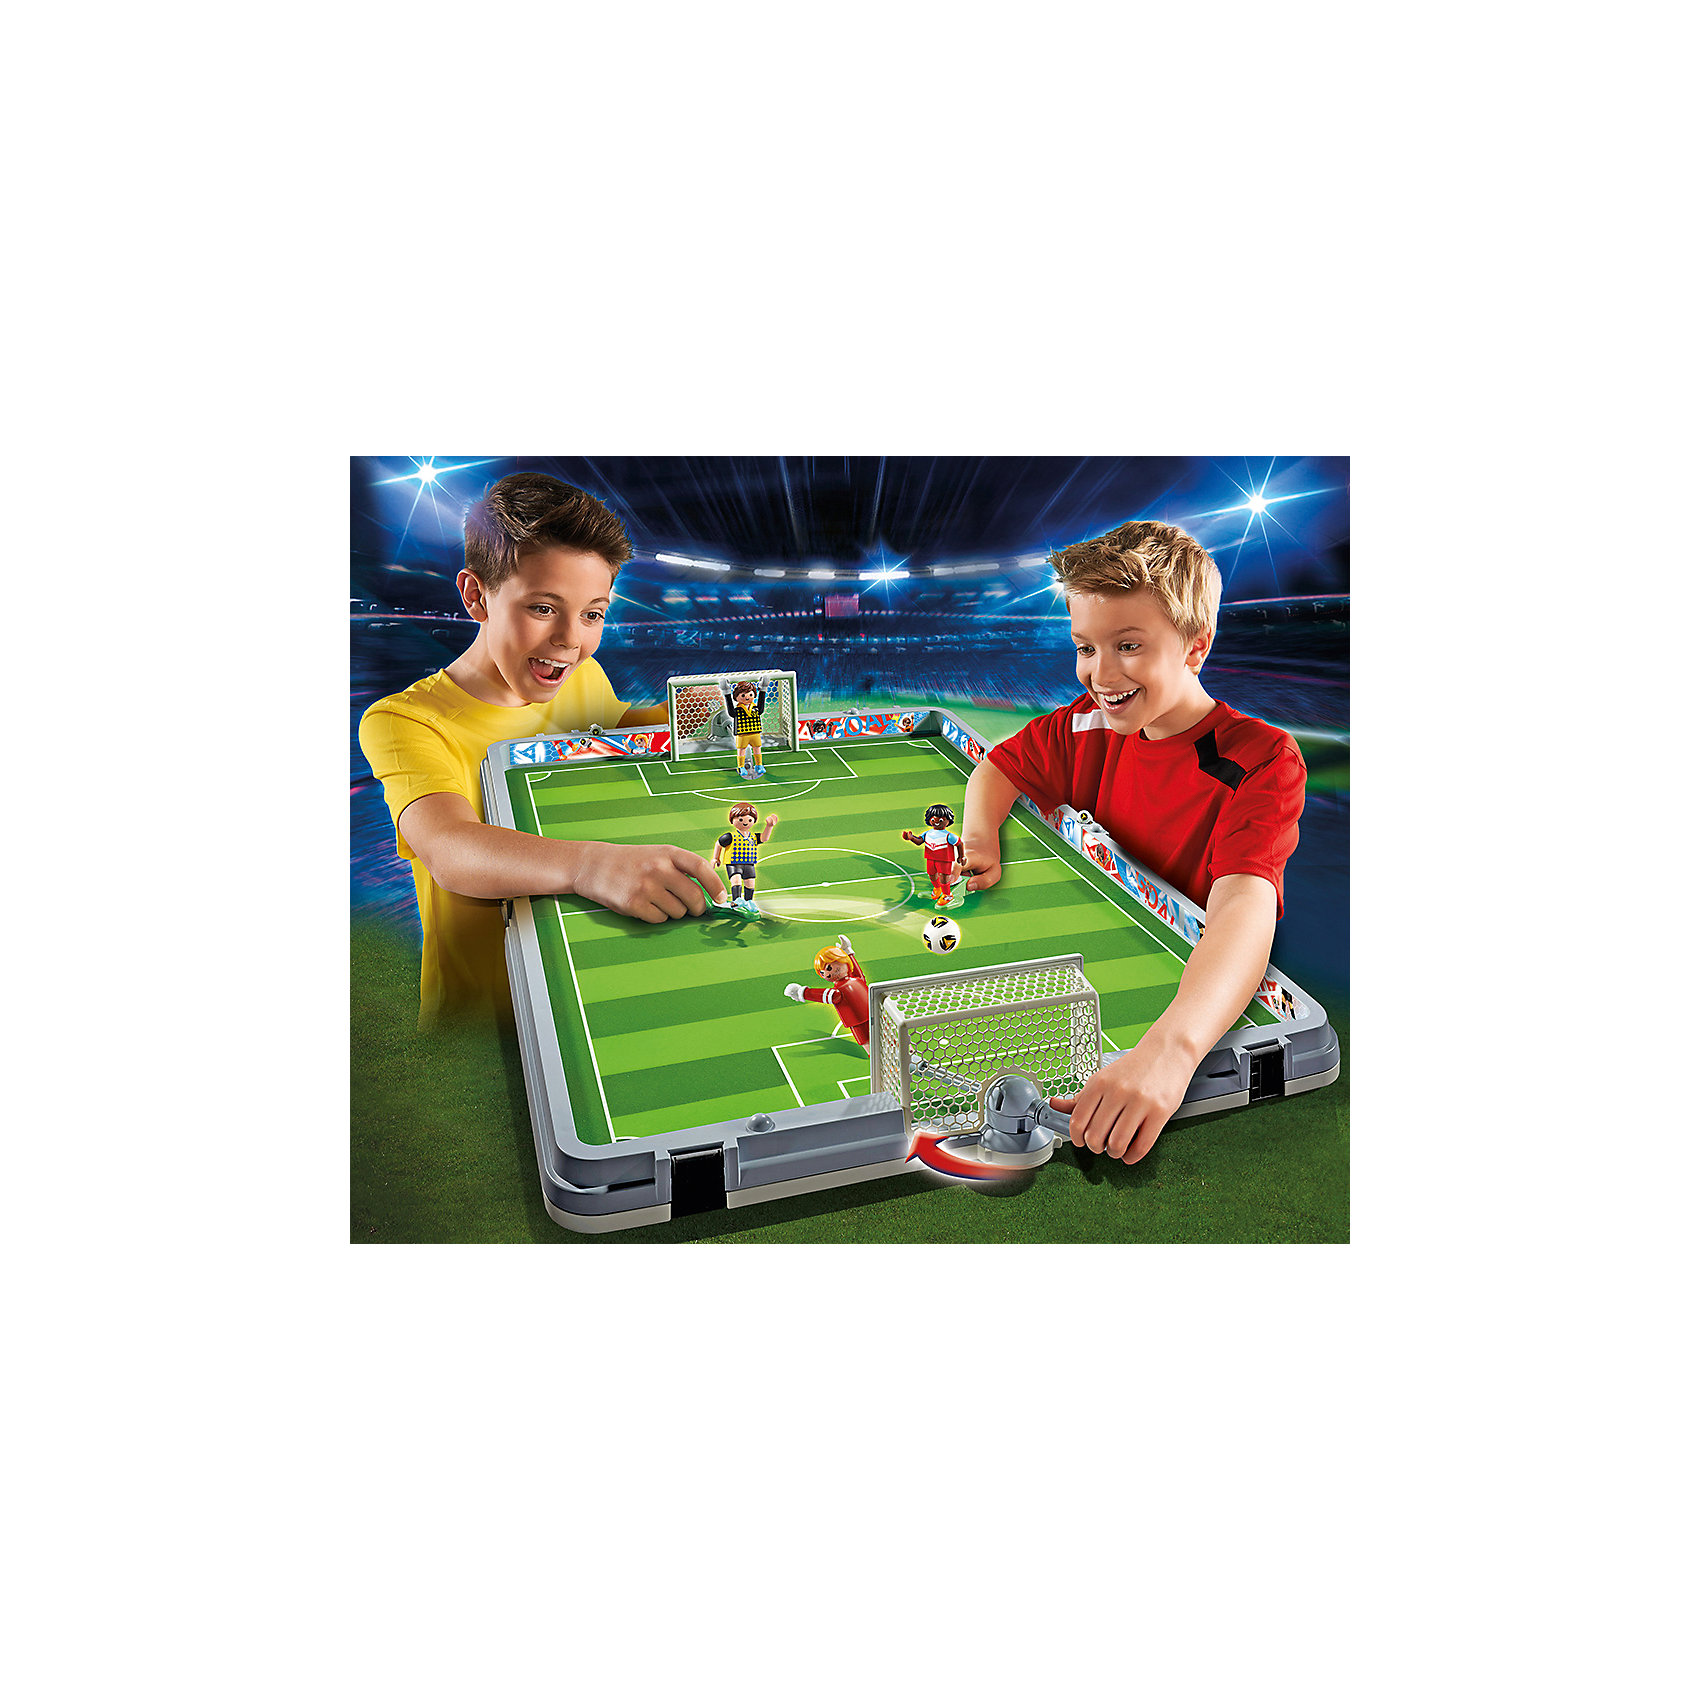 Футбол: Большая футбольная арена, возьми с собой, PLAYMOBIL<br><br>Ширина мм: 554<br>Глубина мм: 452<br>Высота мм: 88<br>Вес г: 2695<br>Возраст от месяцев: 60<br>Возраст до месяцев: 144<br>Пол: Мужской<br>Возраст: Детский<br>SKU: 4260641